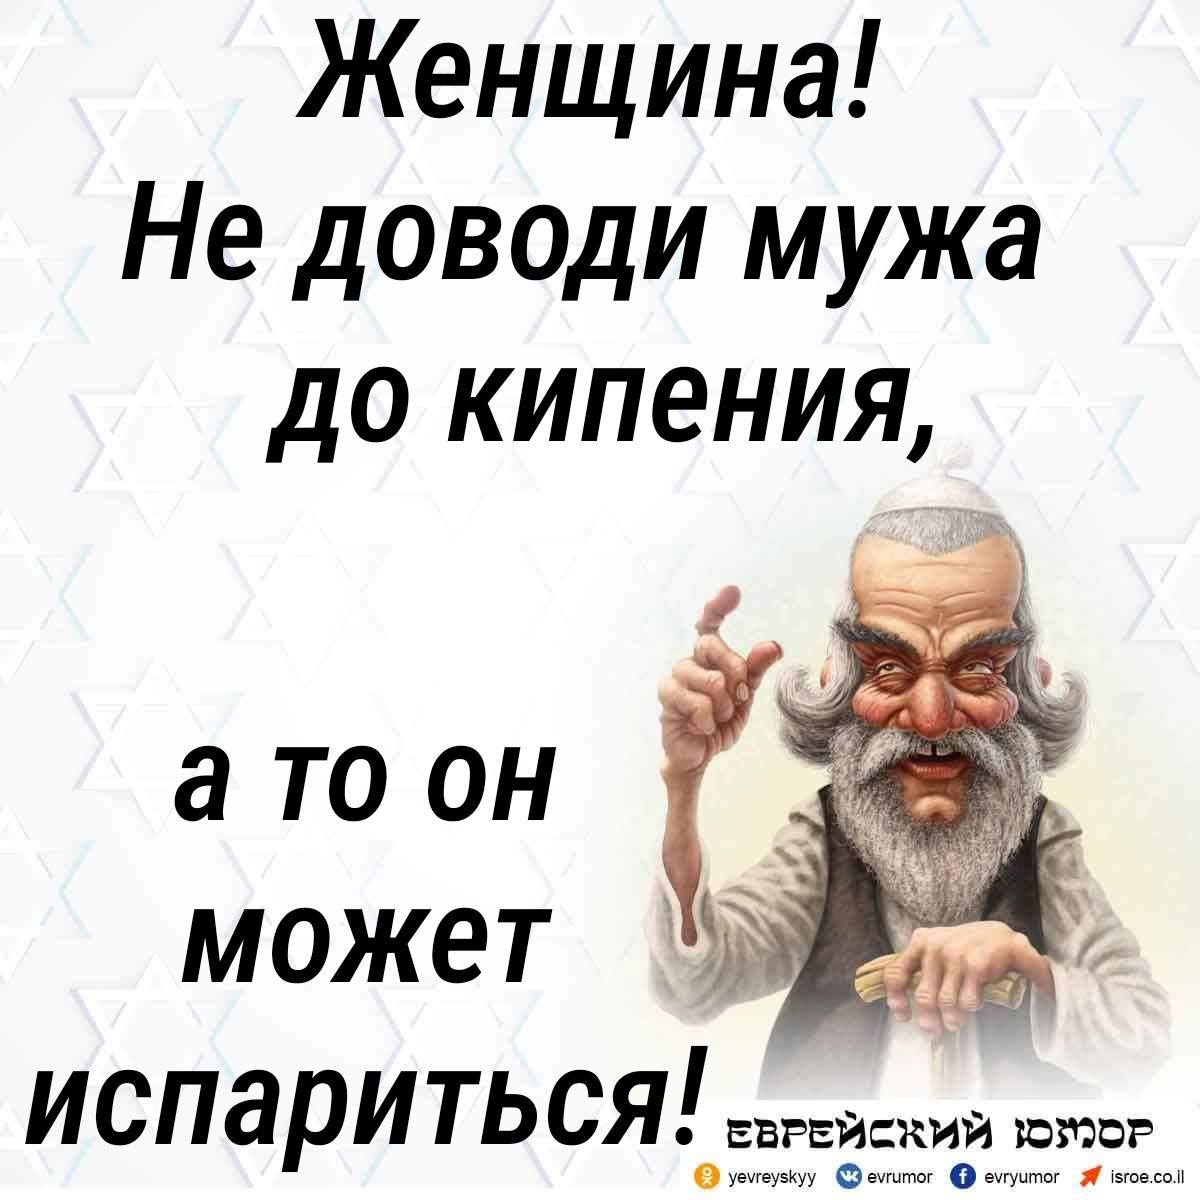 Еврейский юмор. Одесский анекдот. Не доводи